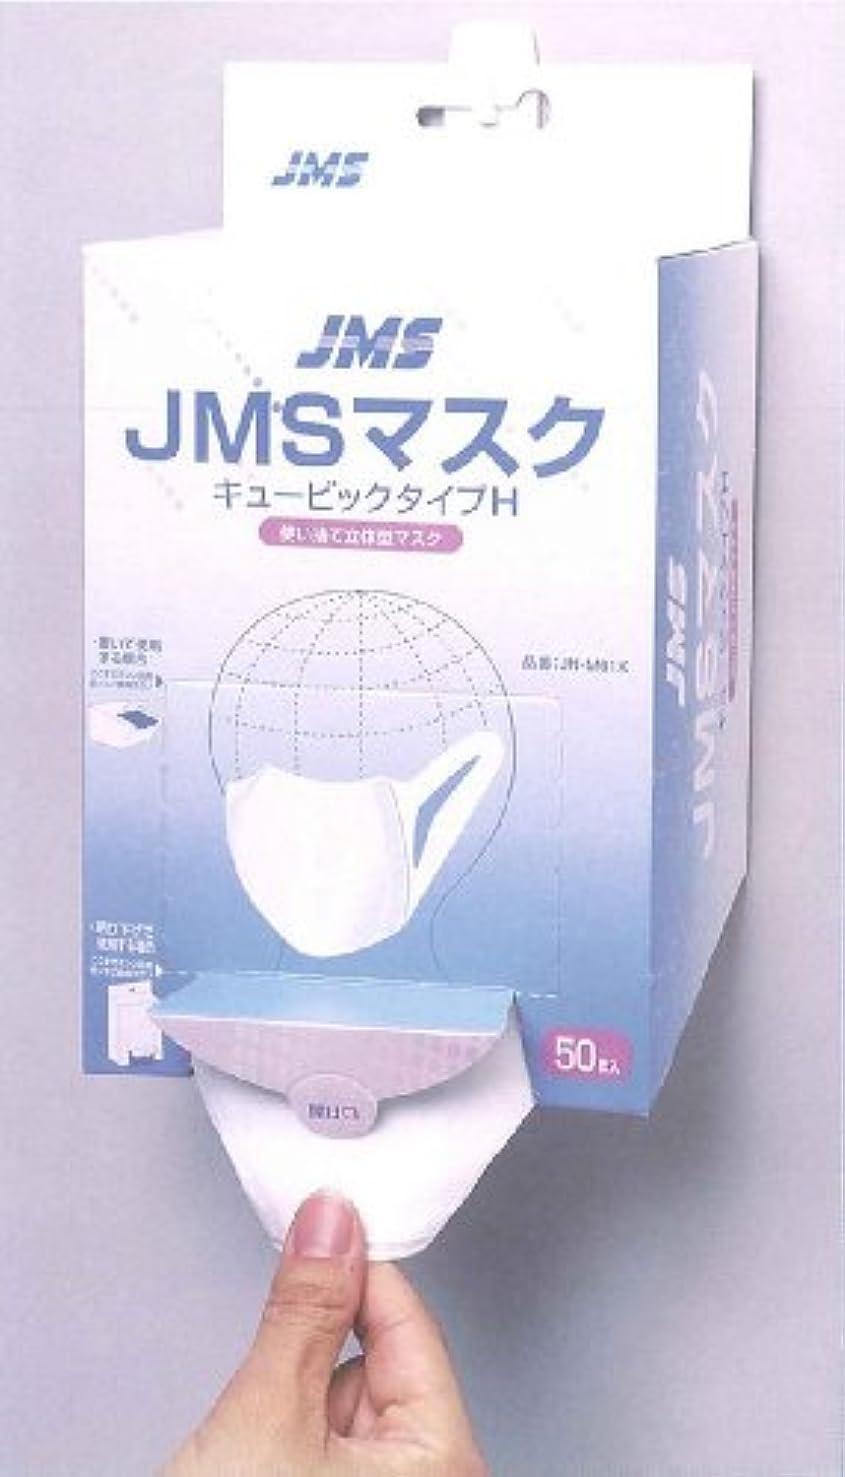 ものまあロック解除JMSマスク キュービックタイプH JN-M61X